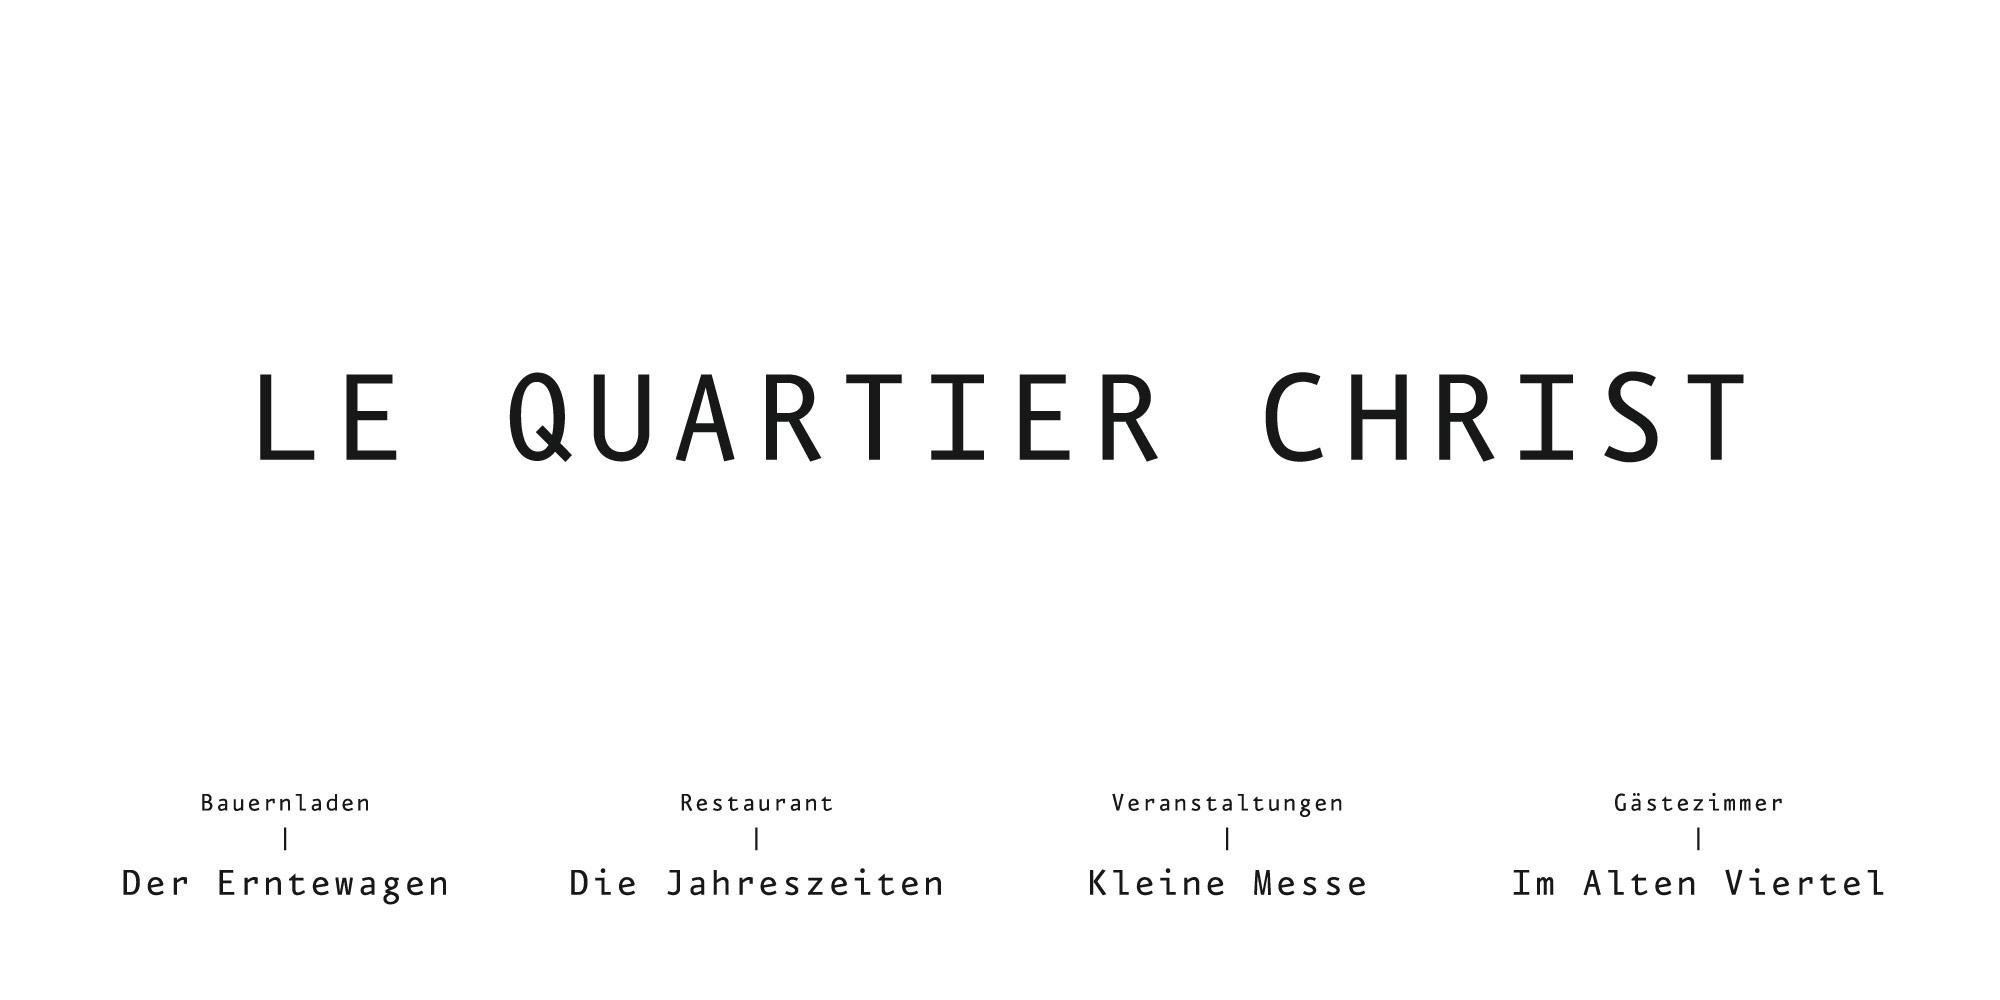 Namenssysteme Produktnamen für Le Quartier Christ